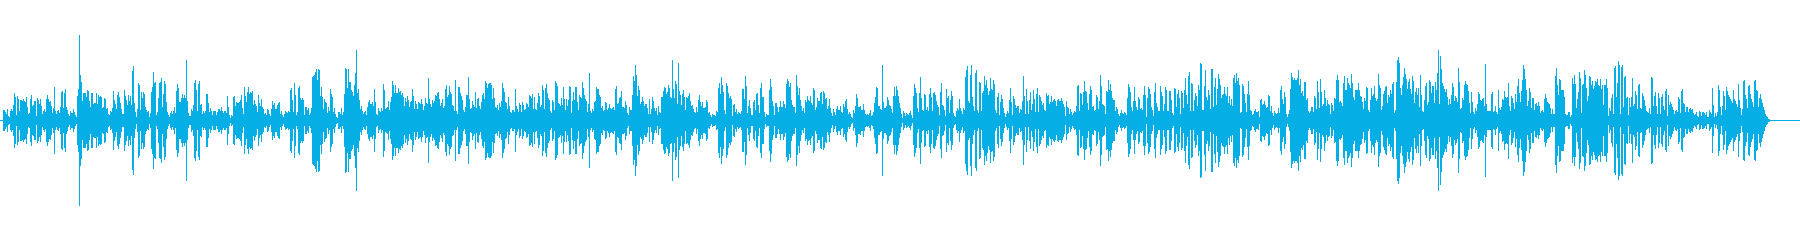 クラリネットのお洒落で陽気なJAZZの再生済みの波形